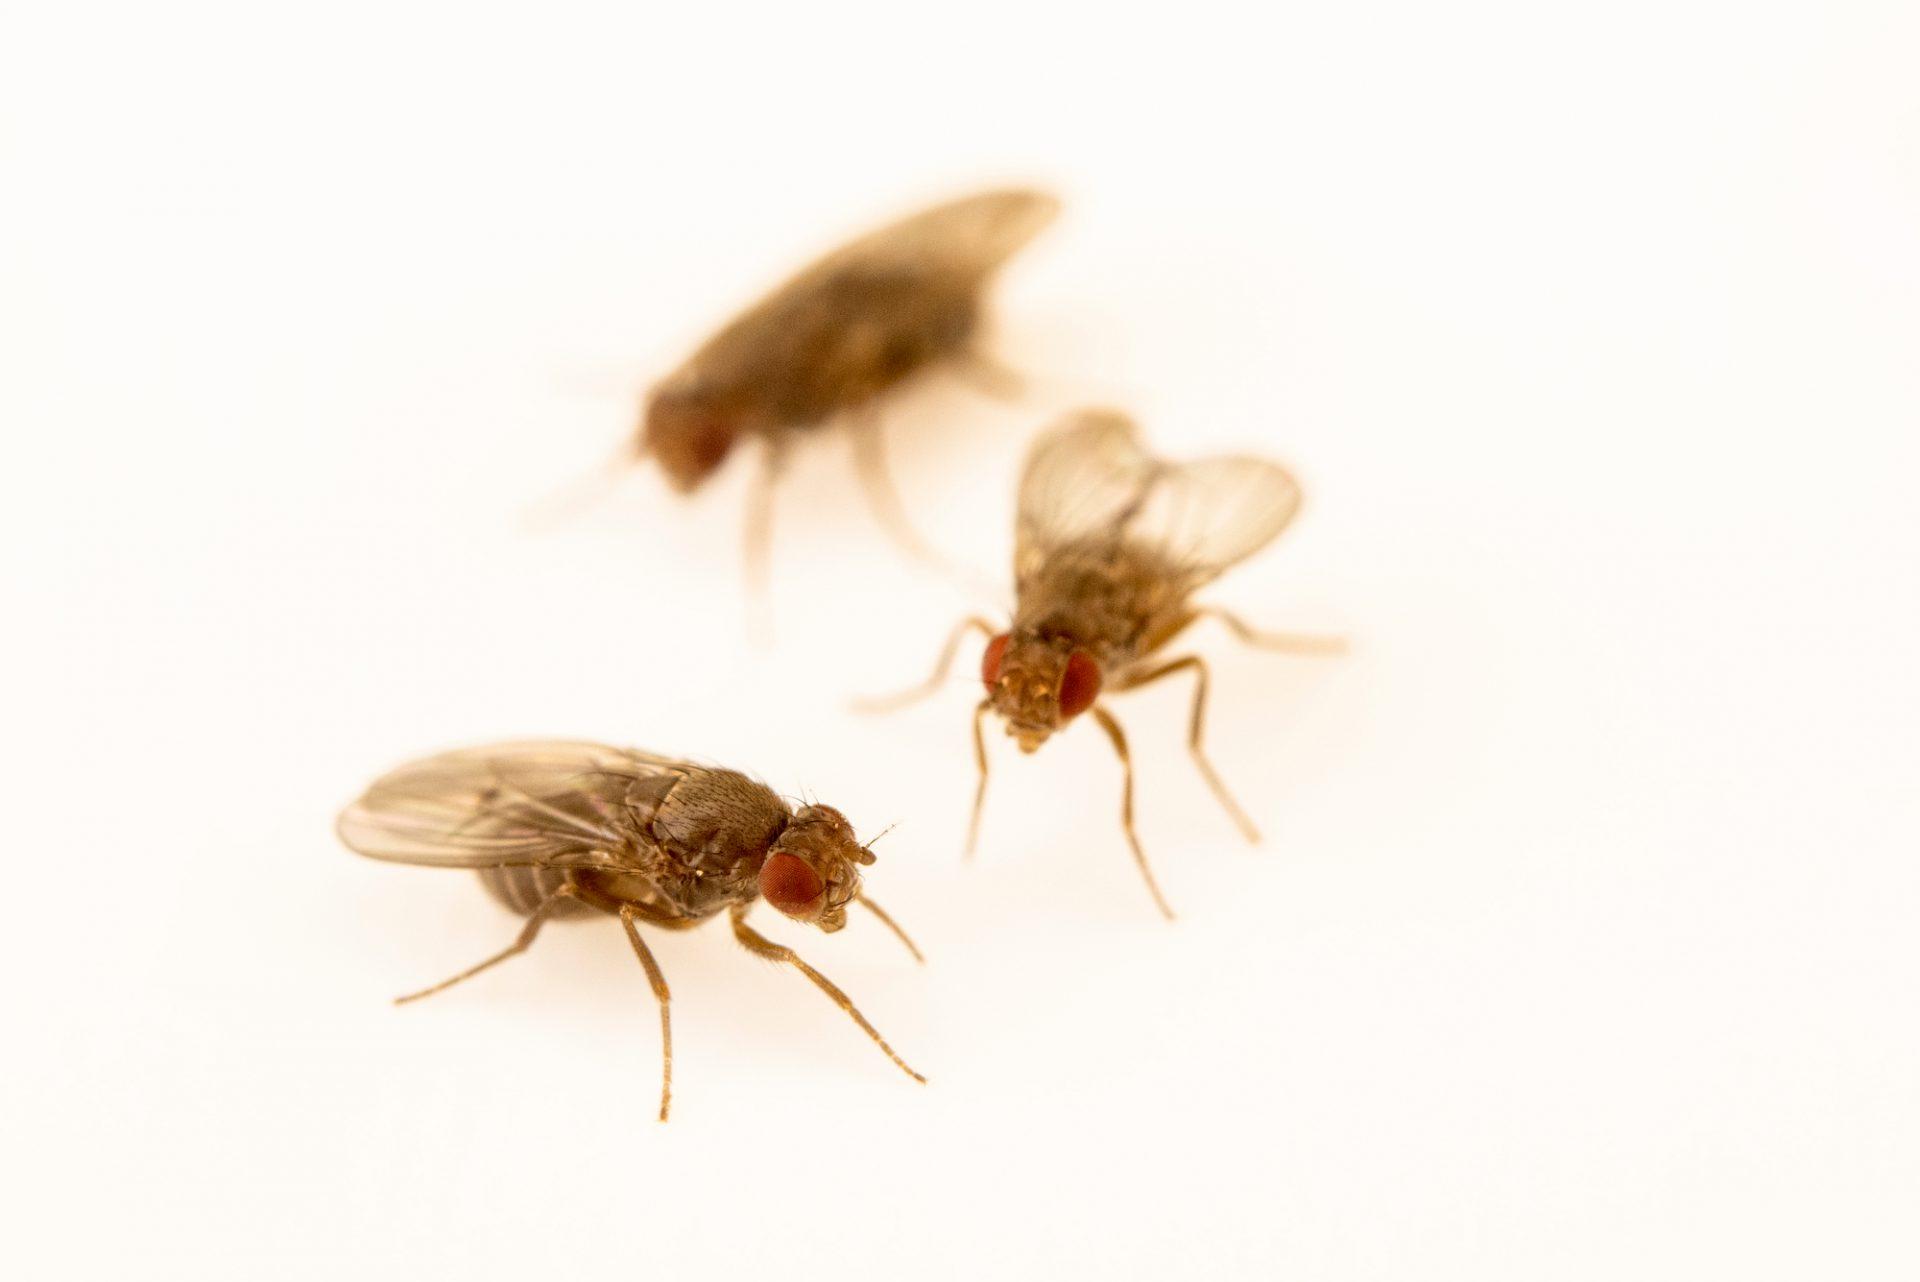 Photo: Virilis fruit flies (Drosophila virilis) at the Cincinnati Zoo.